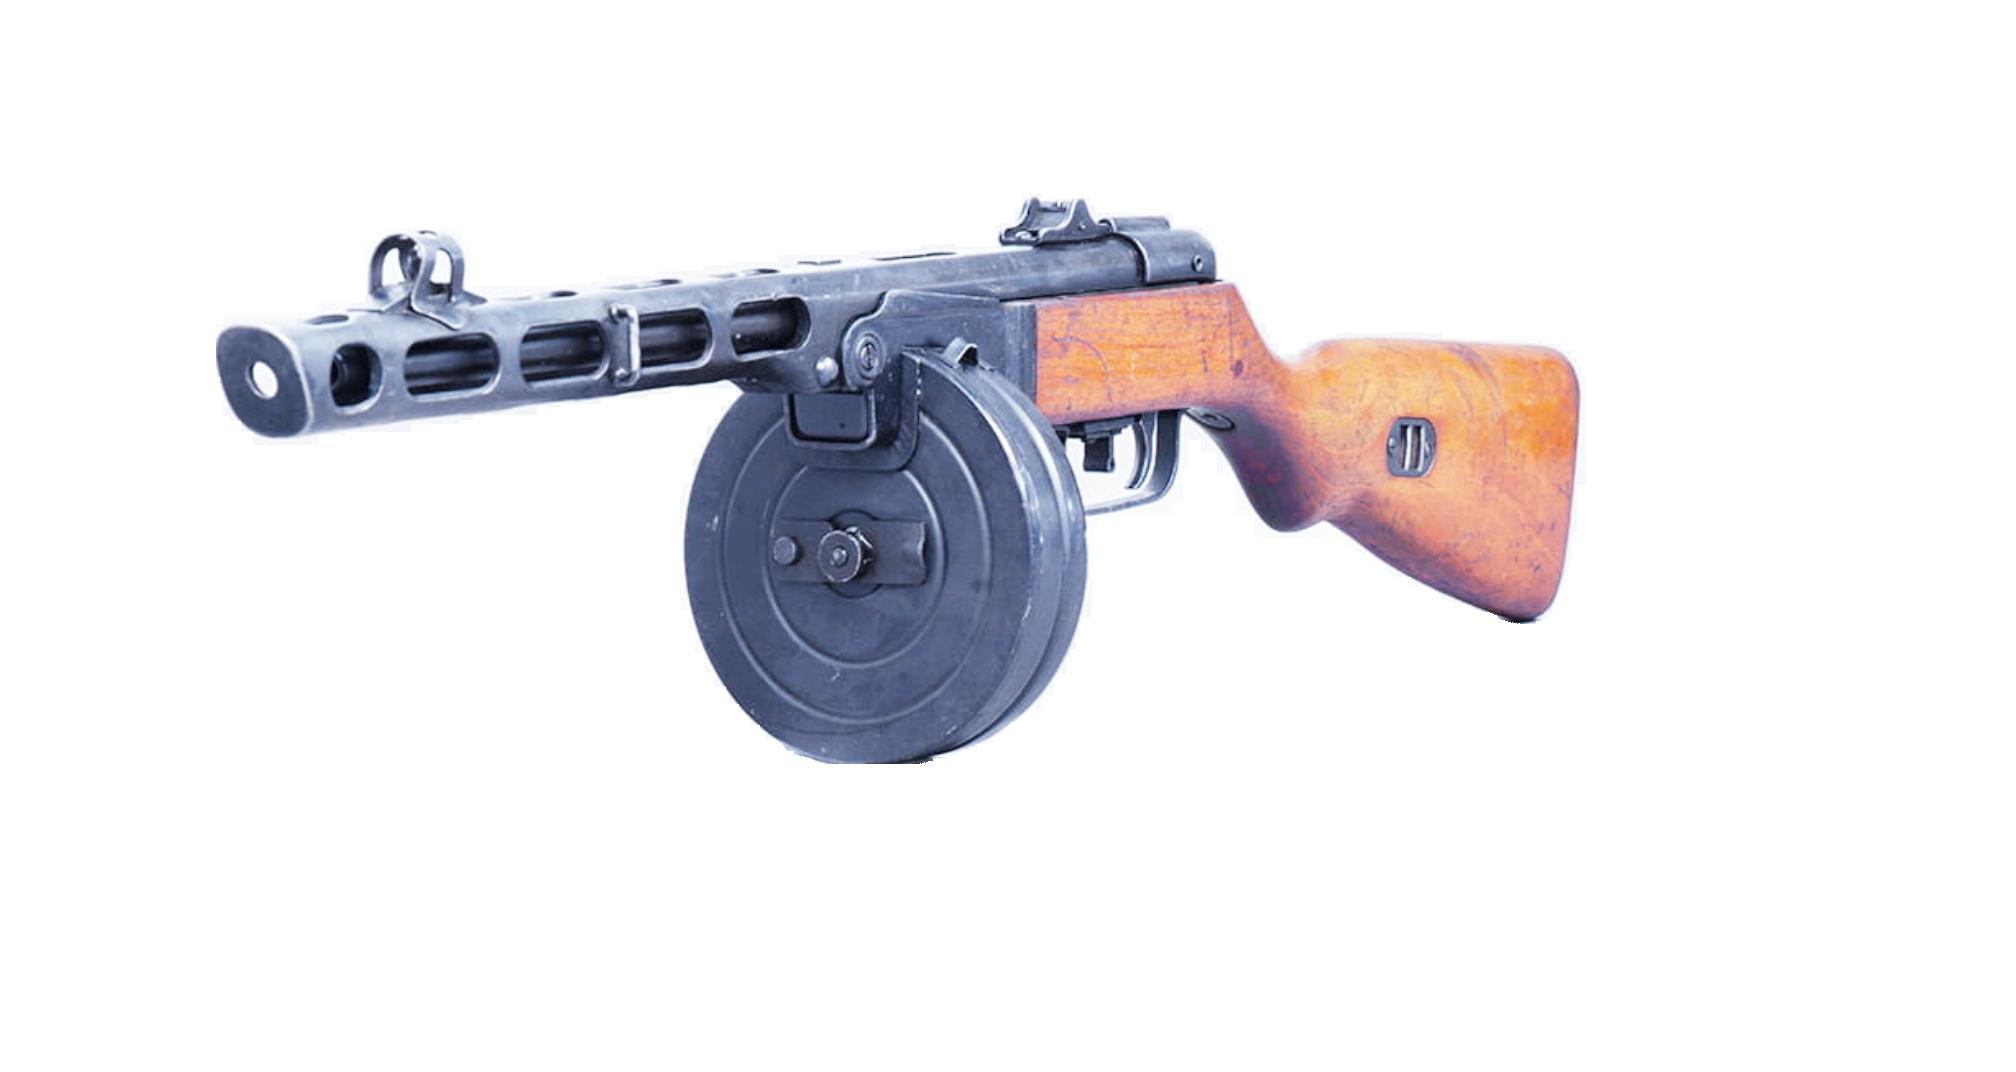 pistolet maszynowy ppsz wz 41 7,62x25mm czterej pancerni